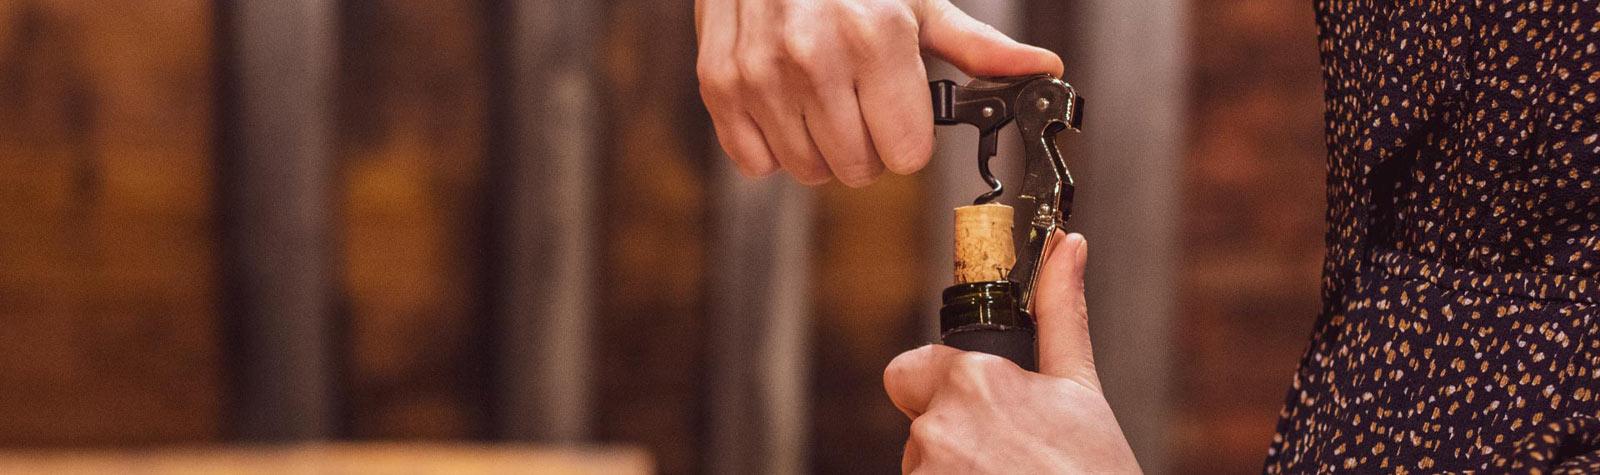 Jak otevřít víno snadno arychle